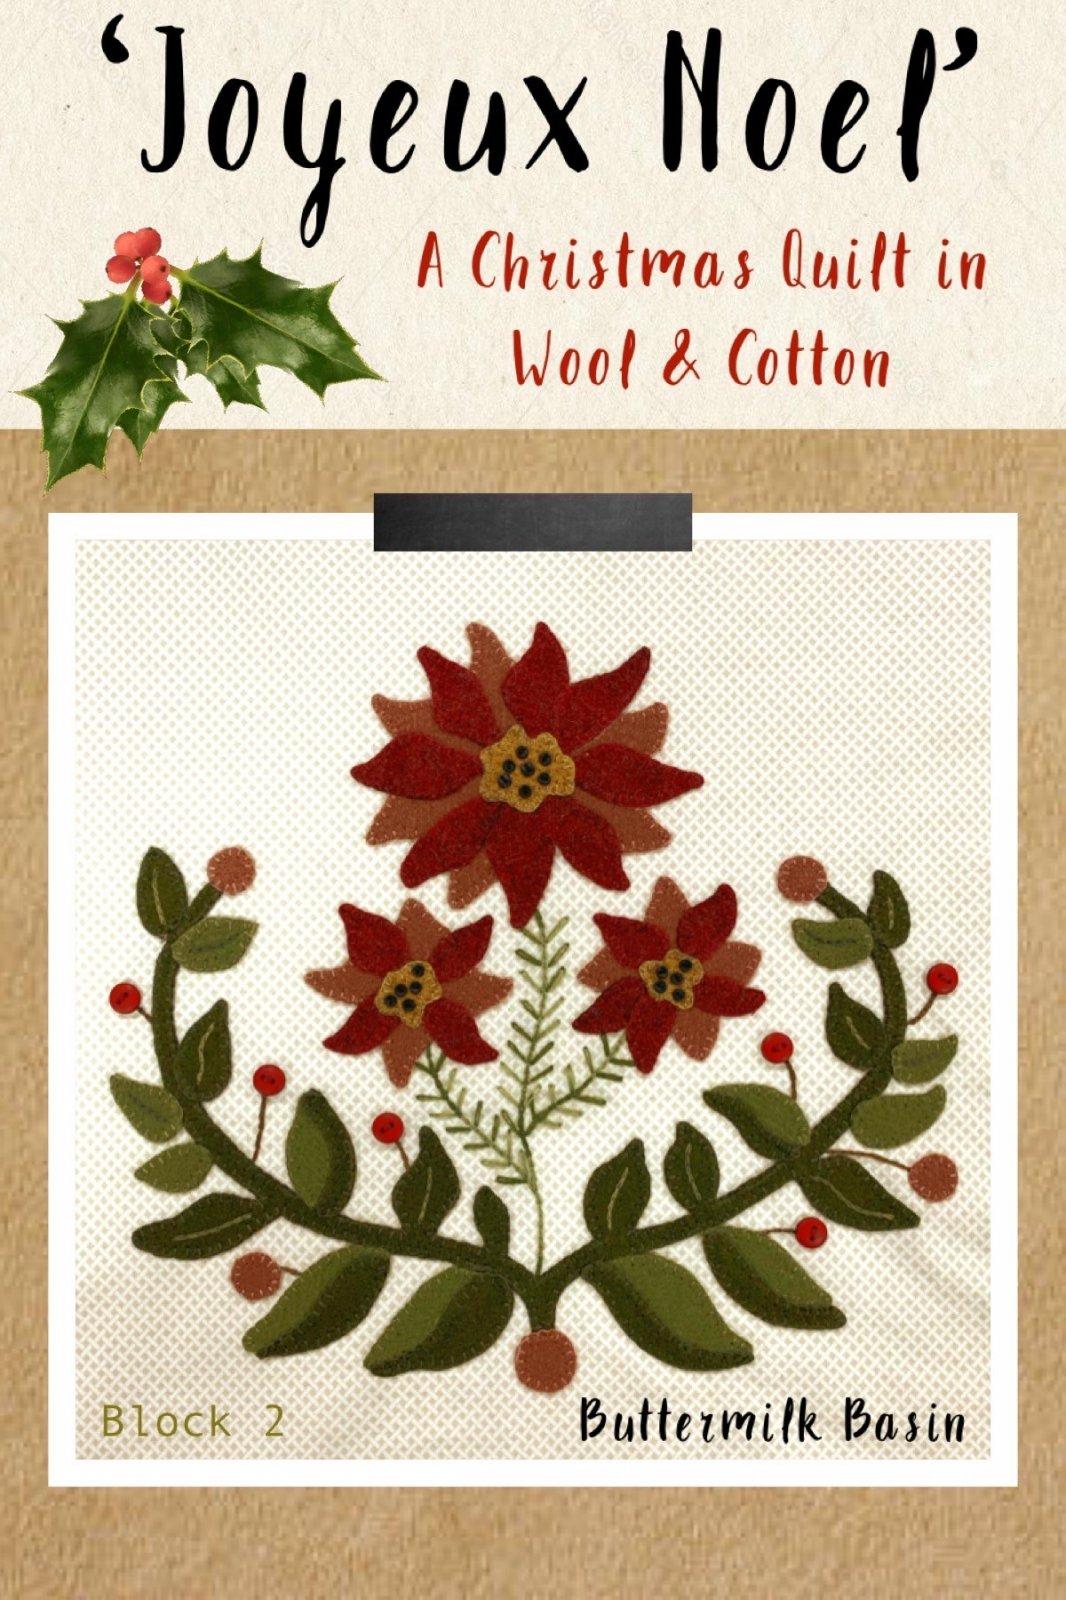 Joyeux Noel Block 2 * Kit & Pattern